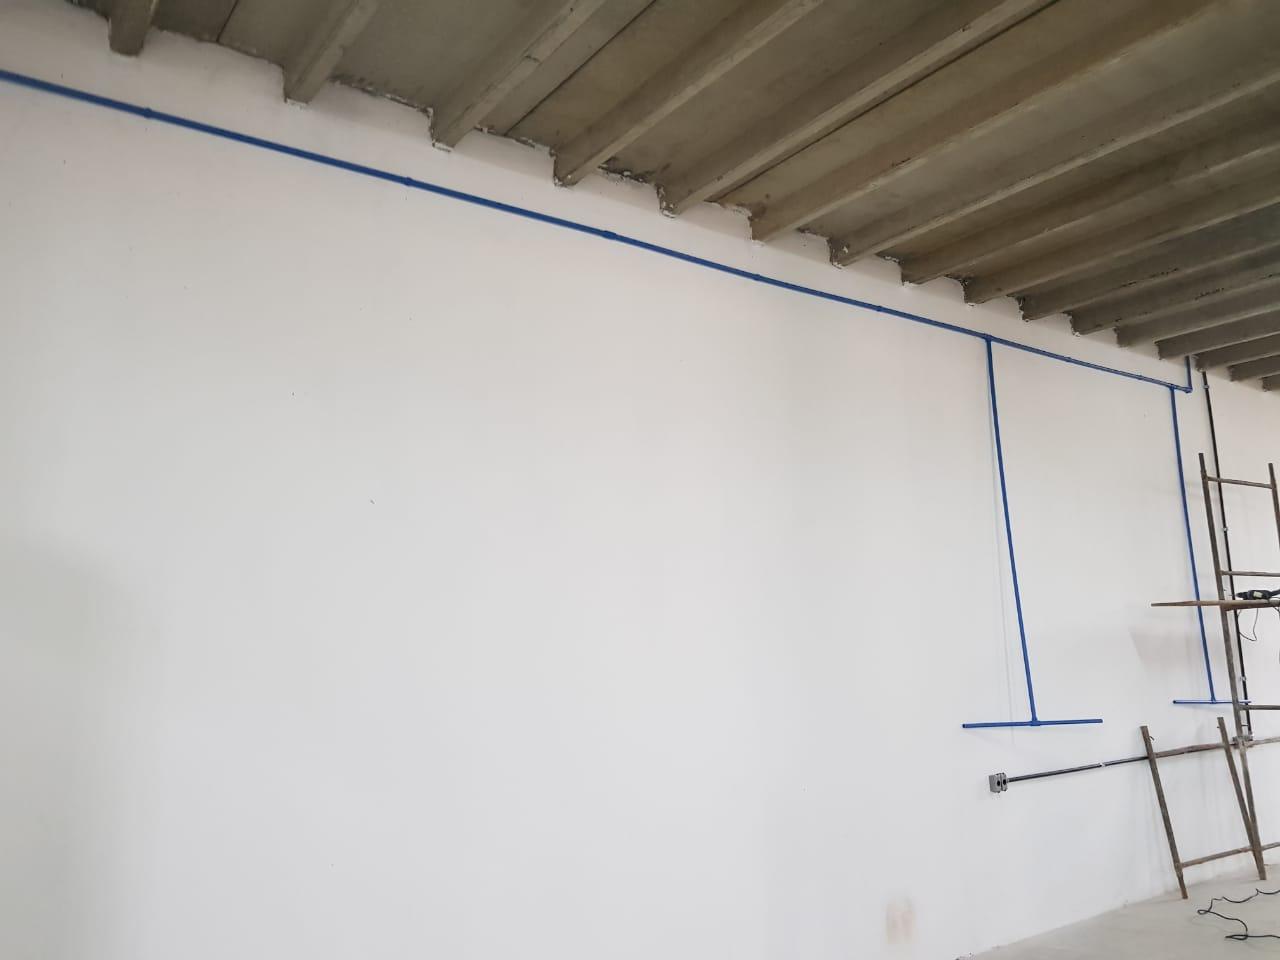 Tubo para rede de ar comprimido